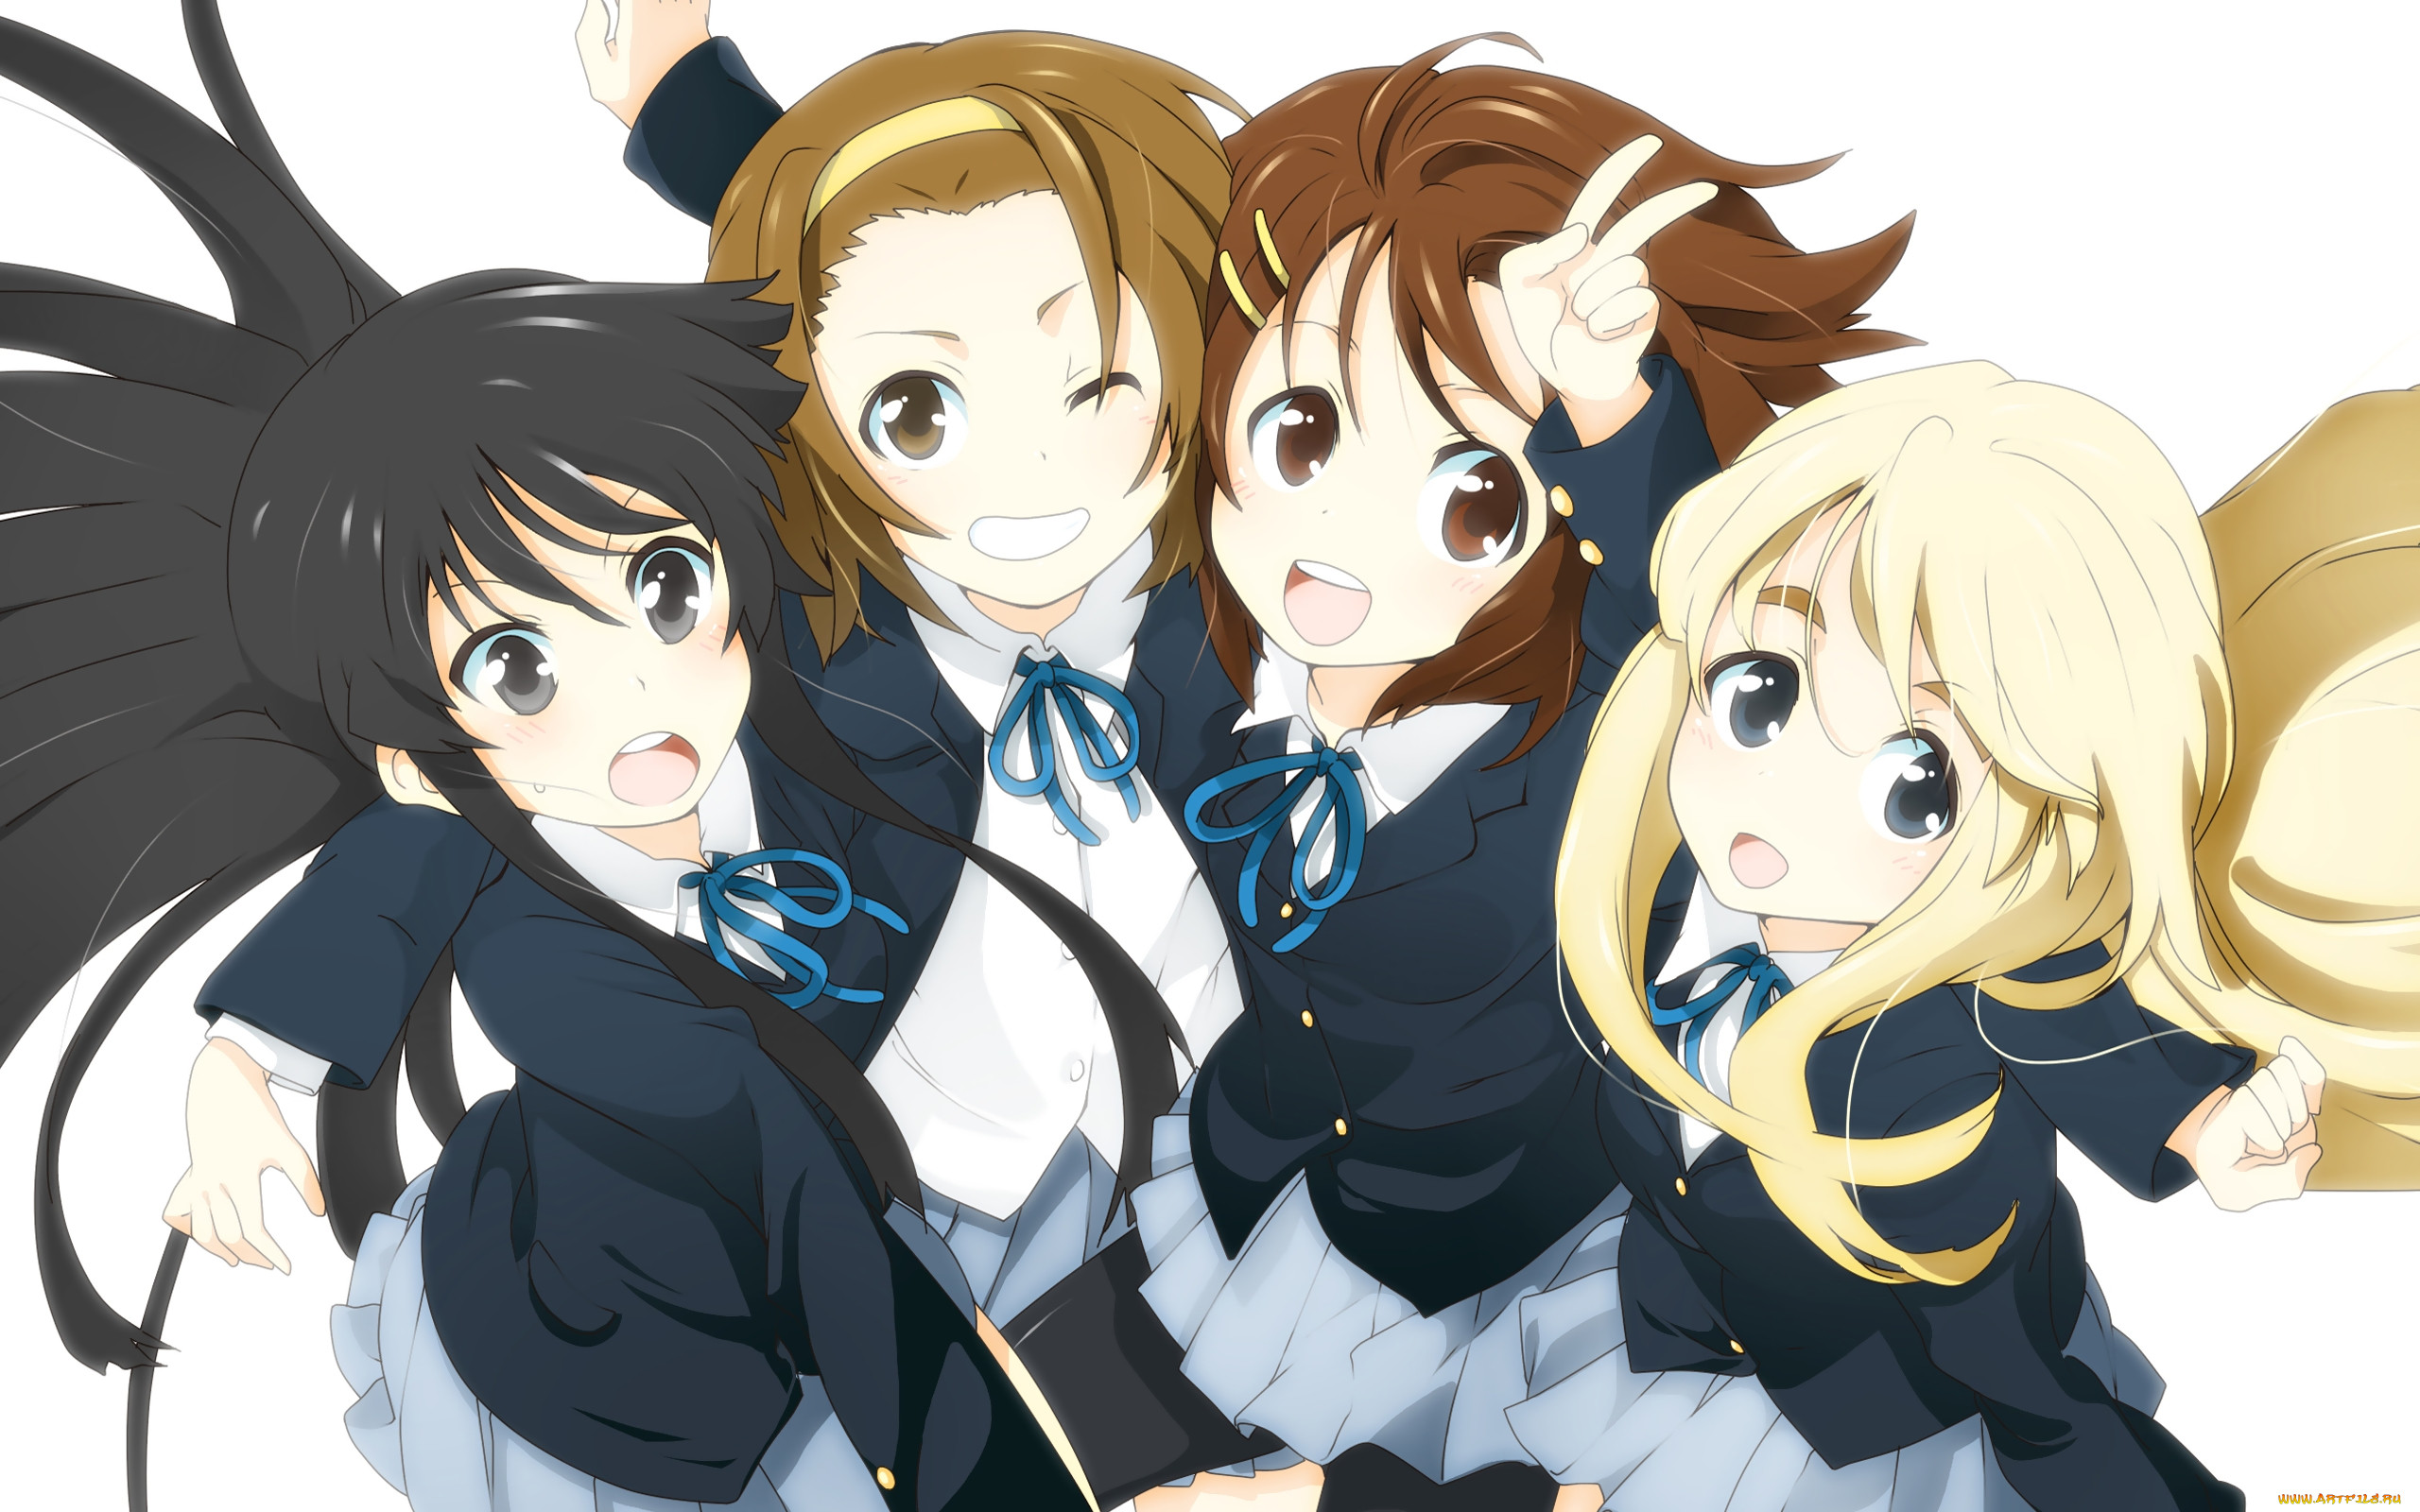 Картинки аниме девушек группы